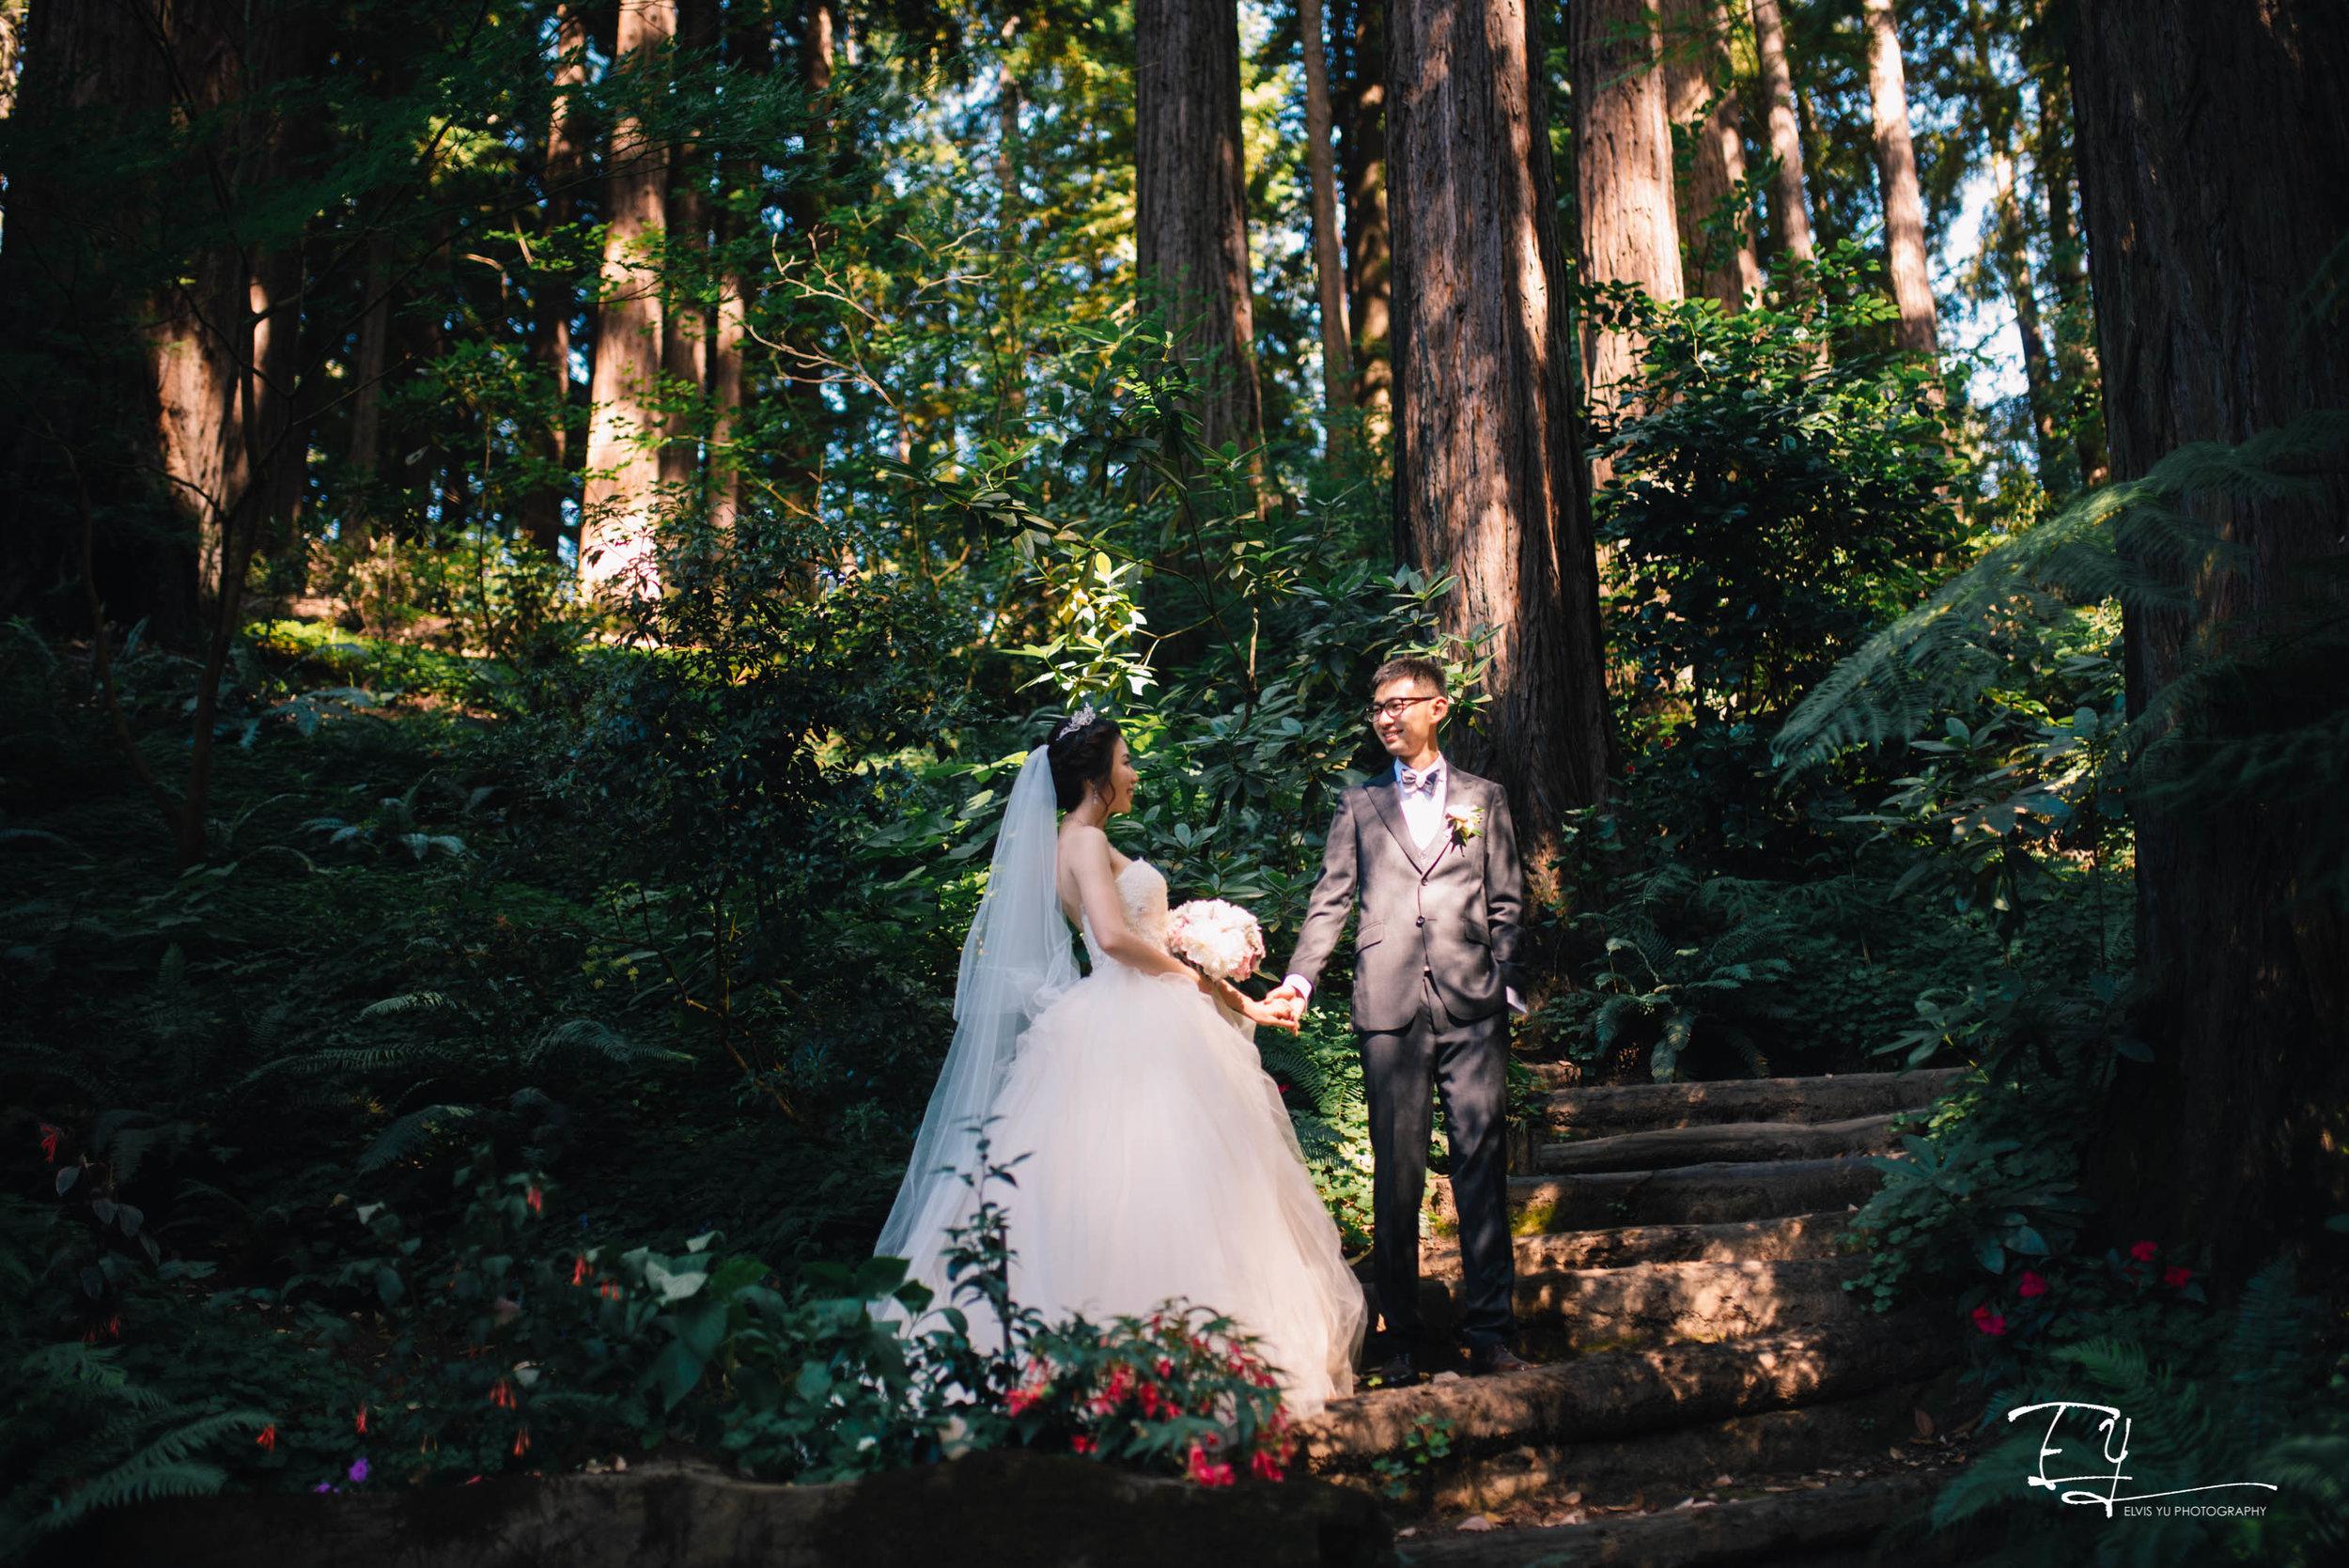 mona-zi-wedding-elvis-yu-photography-nestldown-4.jpg